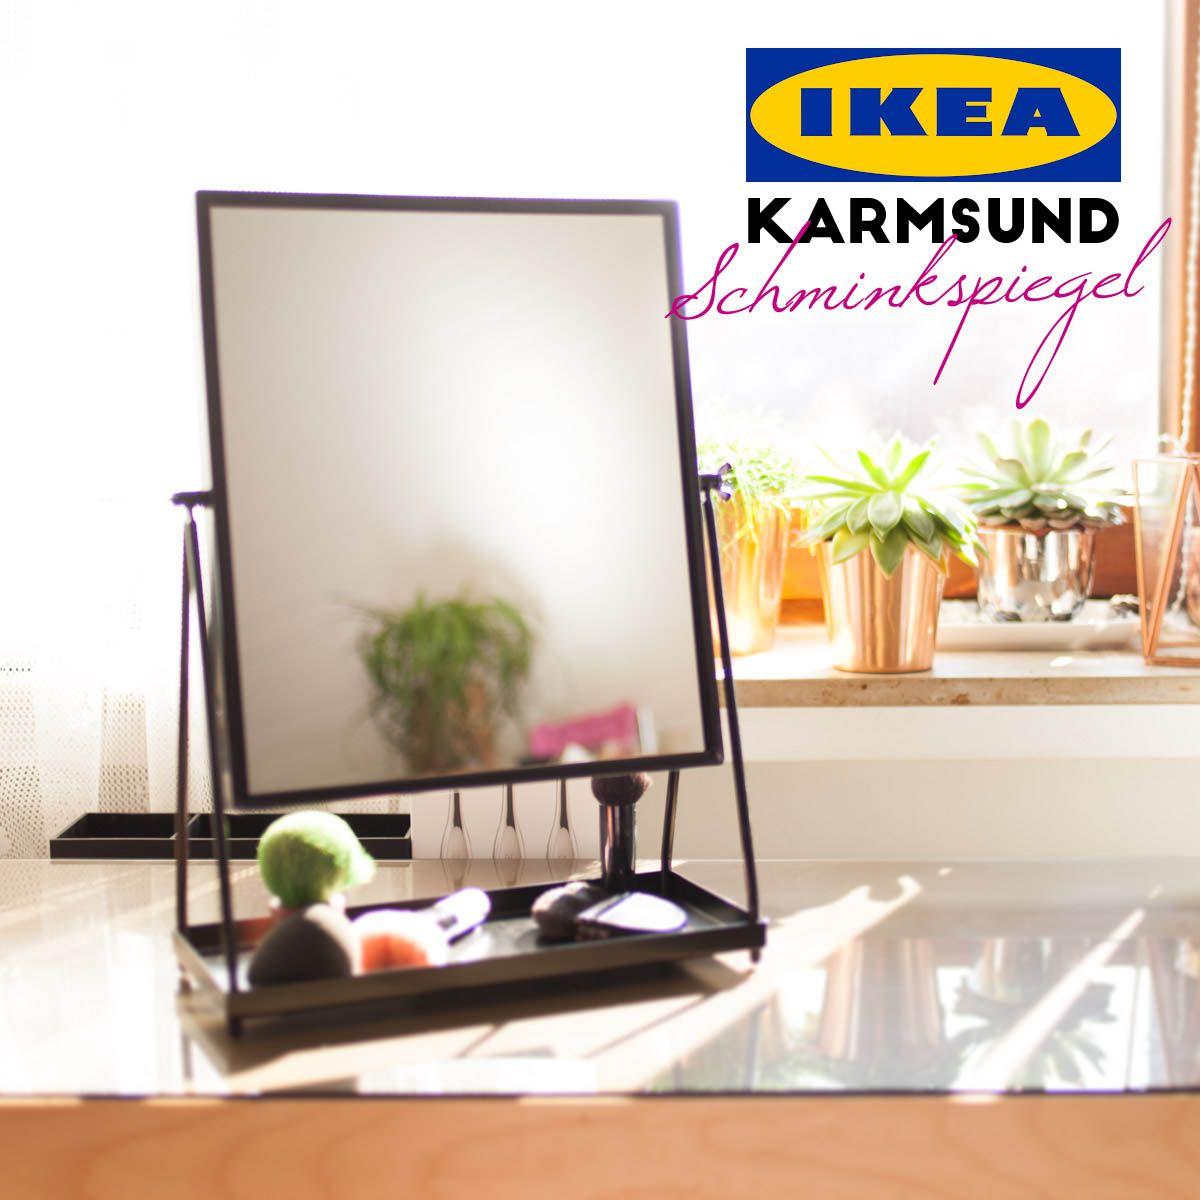 Spieglein Spieglein auf dem Tisch mach mich wieder frisch! - IKEA Karmsund Schminkspiegel vs. IKEA Tysnes | http://ift.tt/2aaZuN6